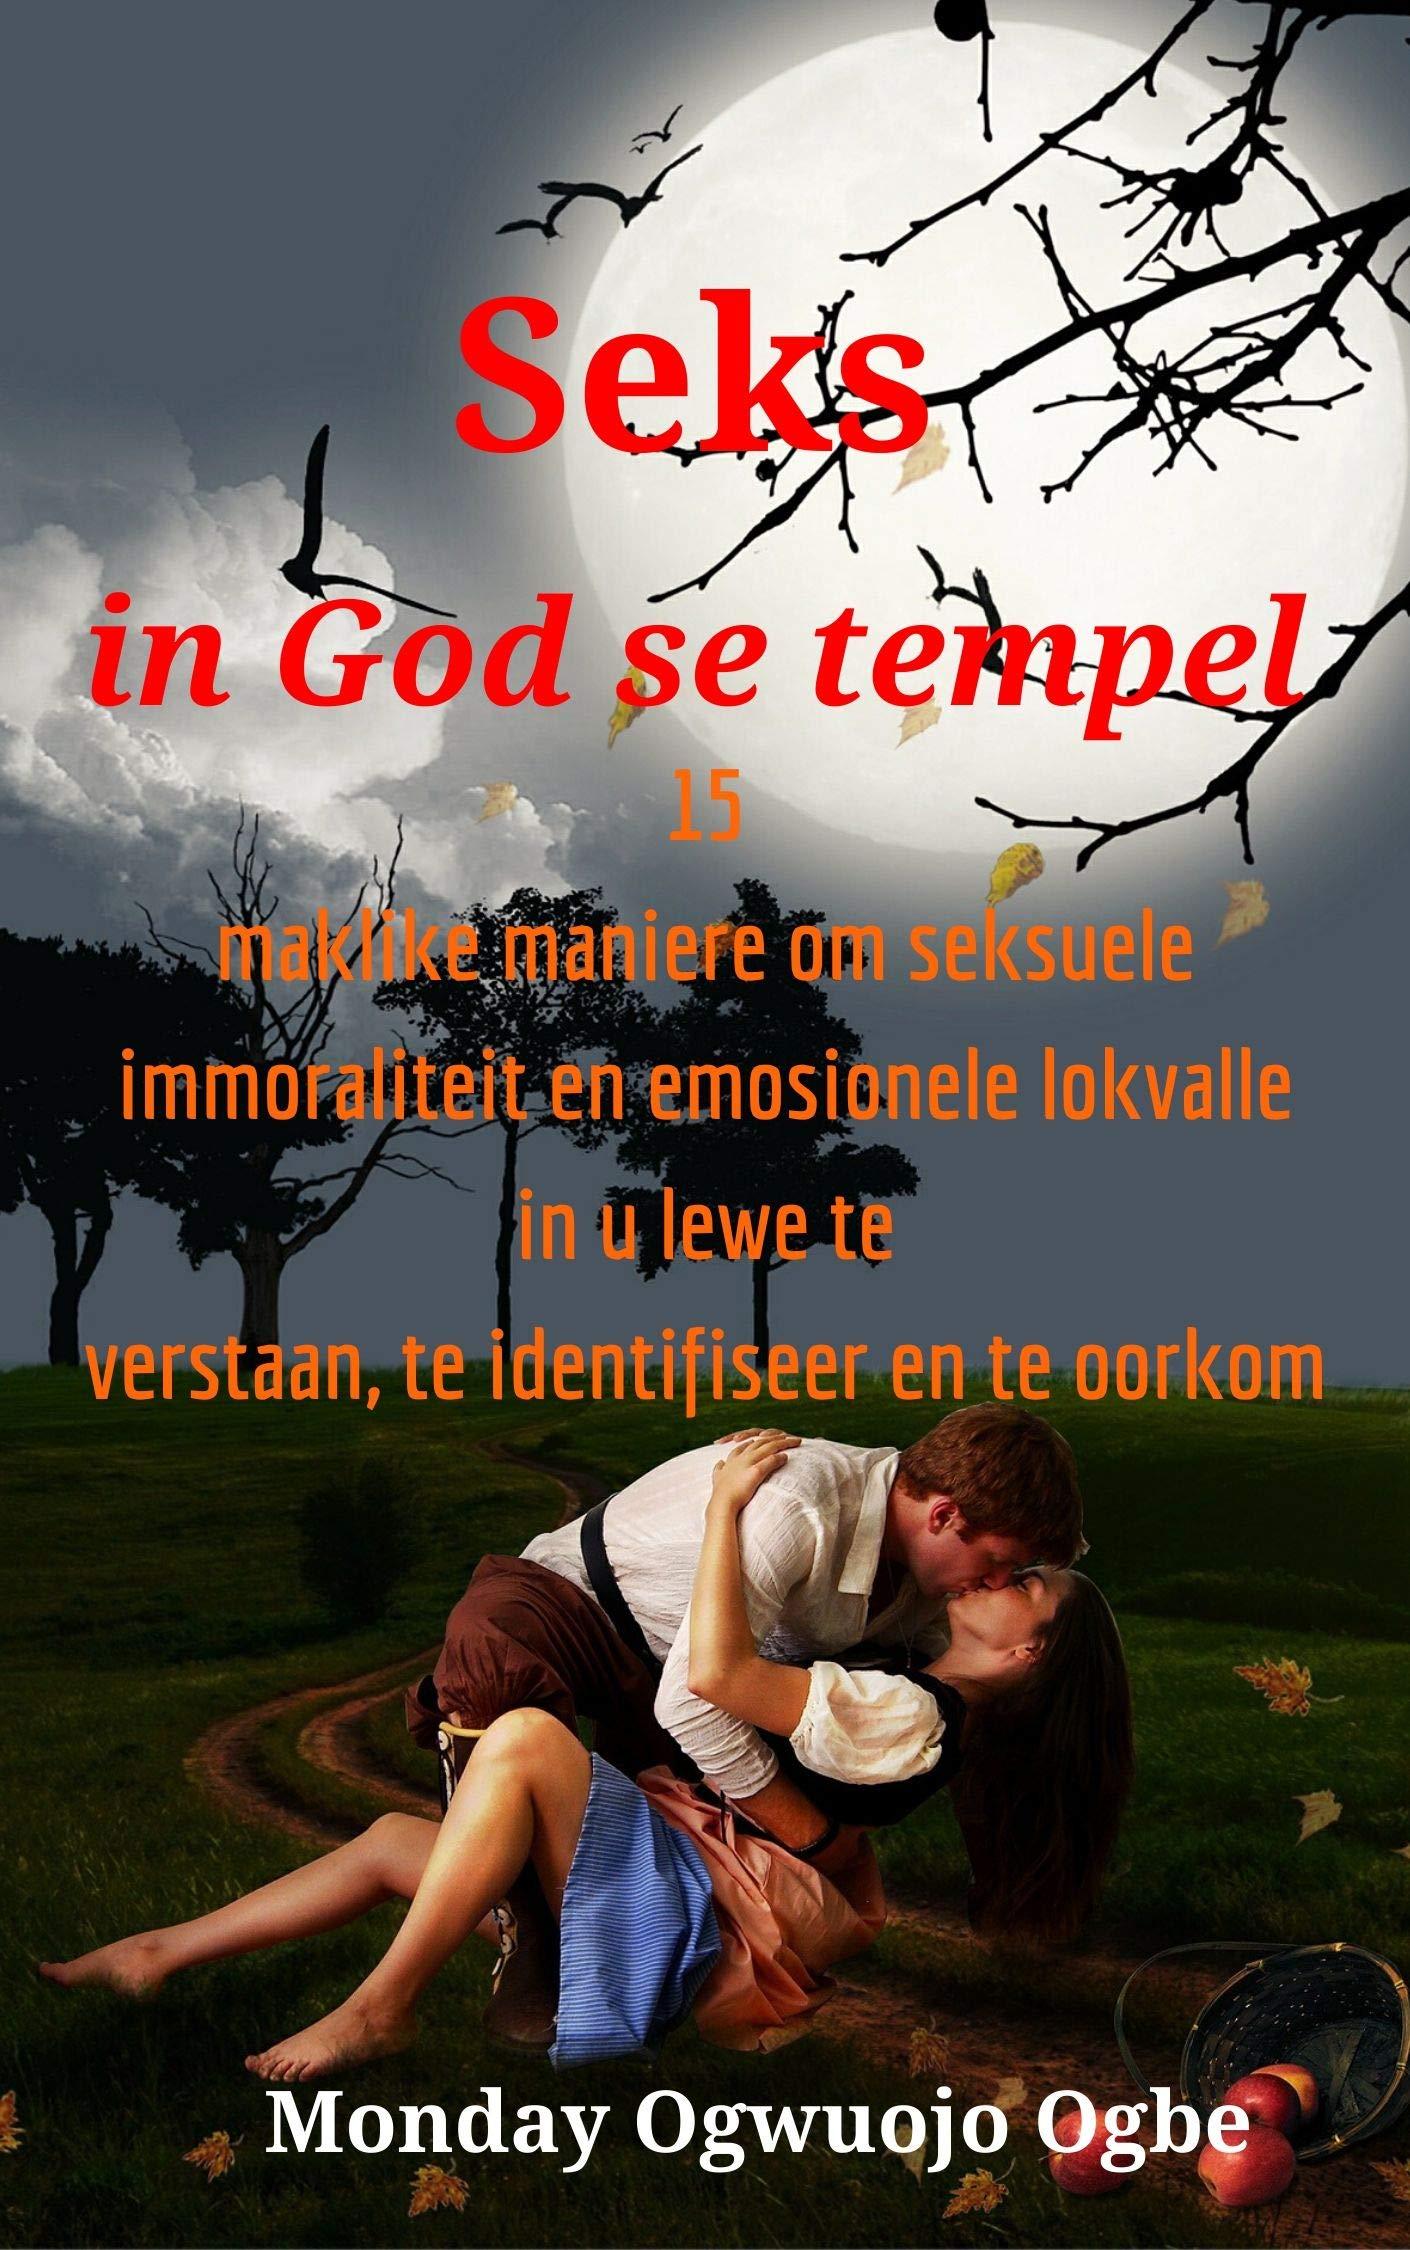 Seks in God se tempel: 15 maklike maniere om seksuele immoraliteit en emosionele lokvalle in u lewe te verstaan, te identifiseer en te oorkom